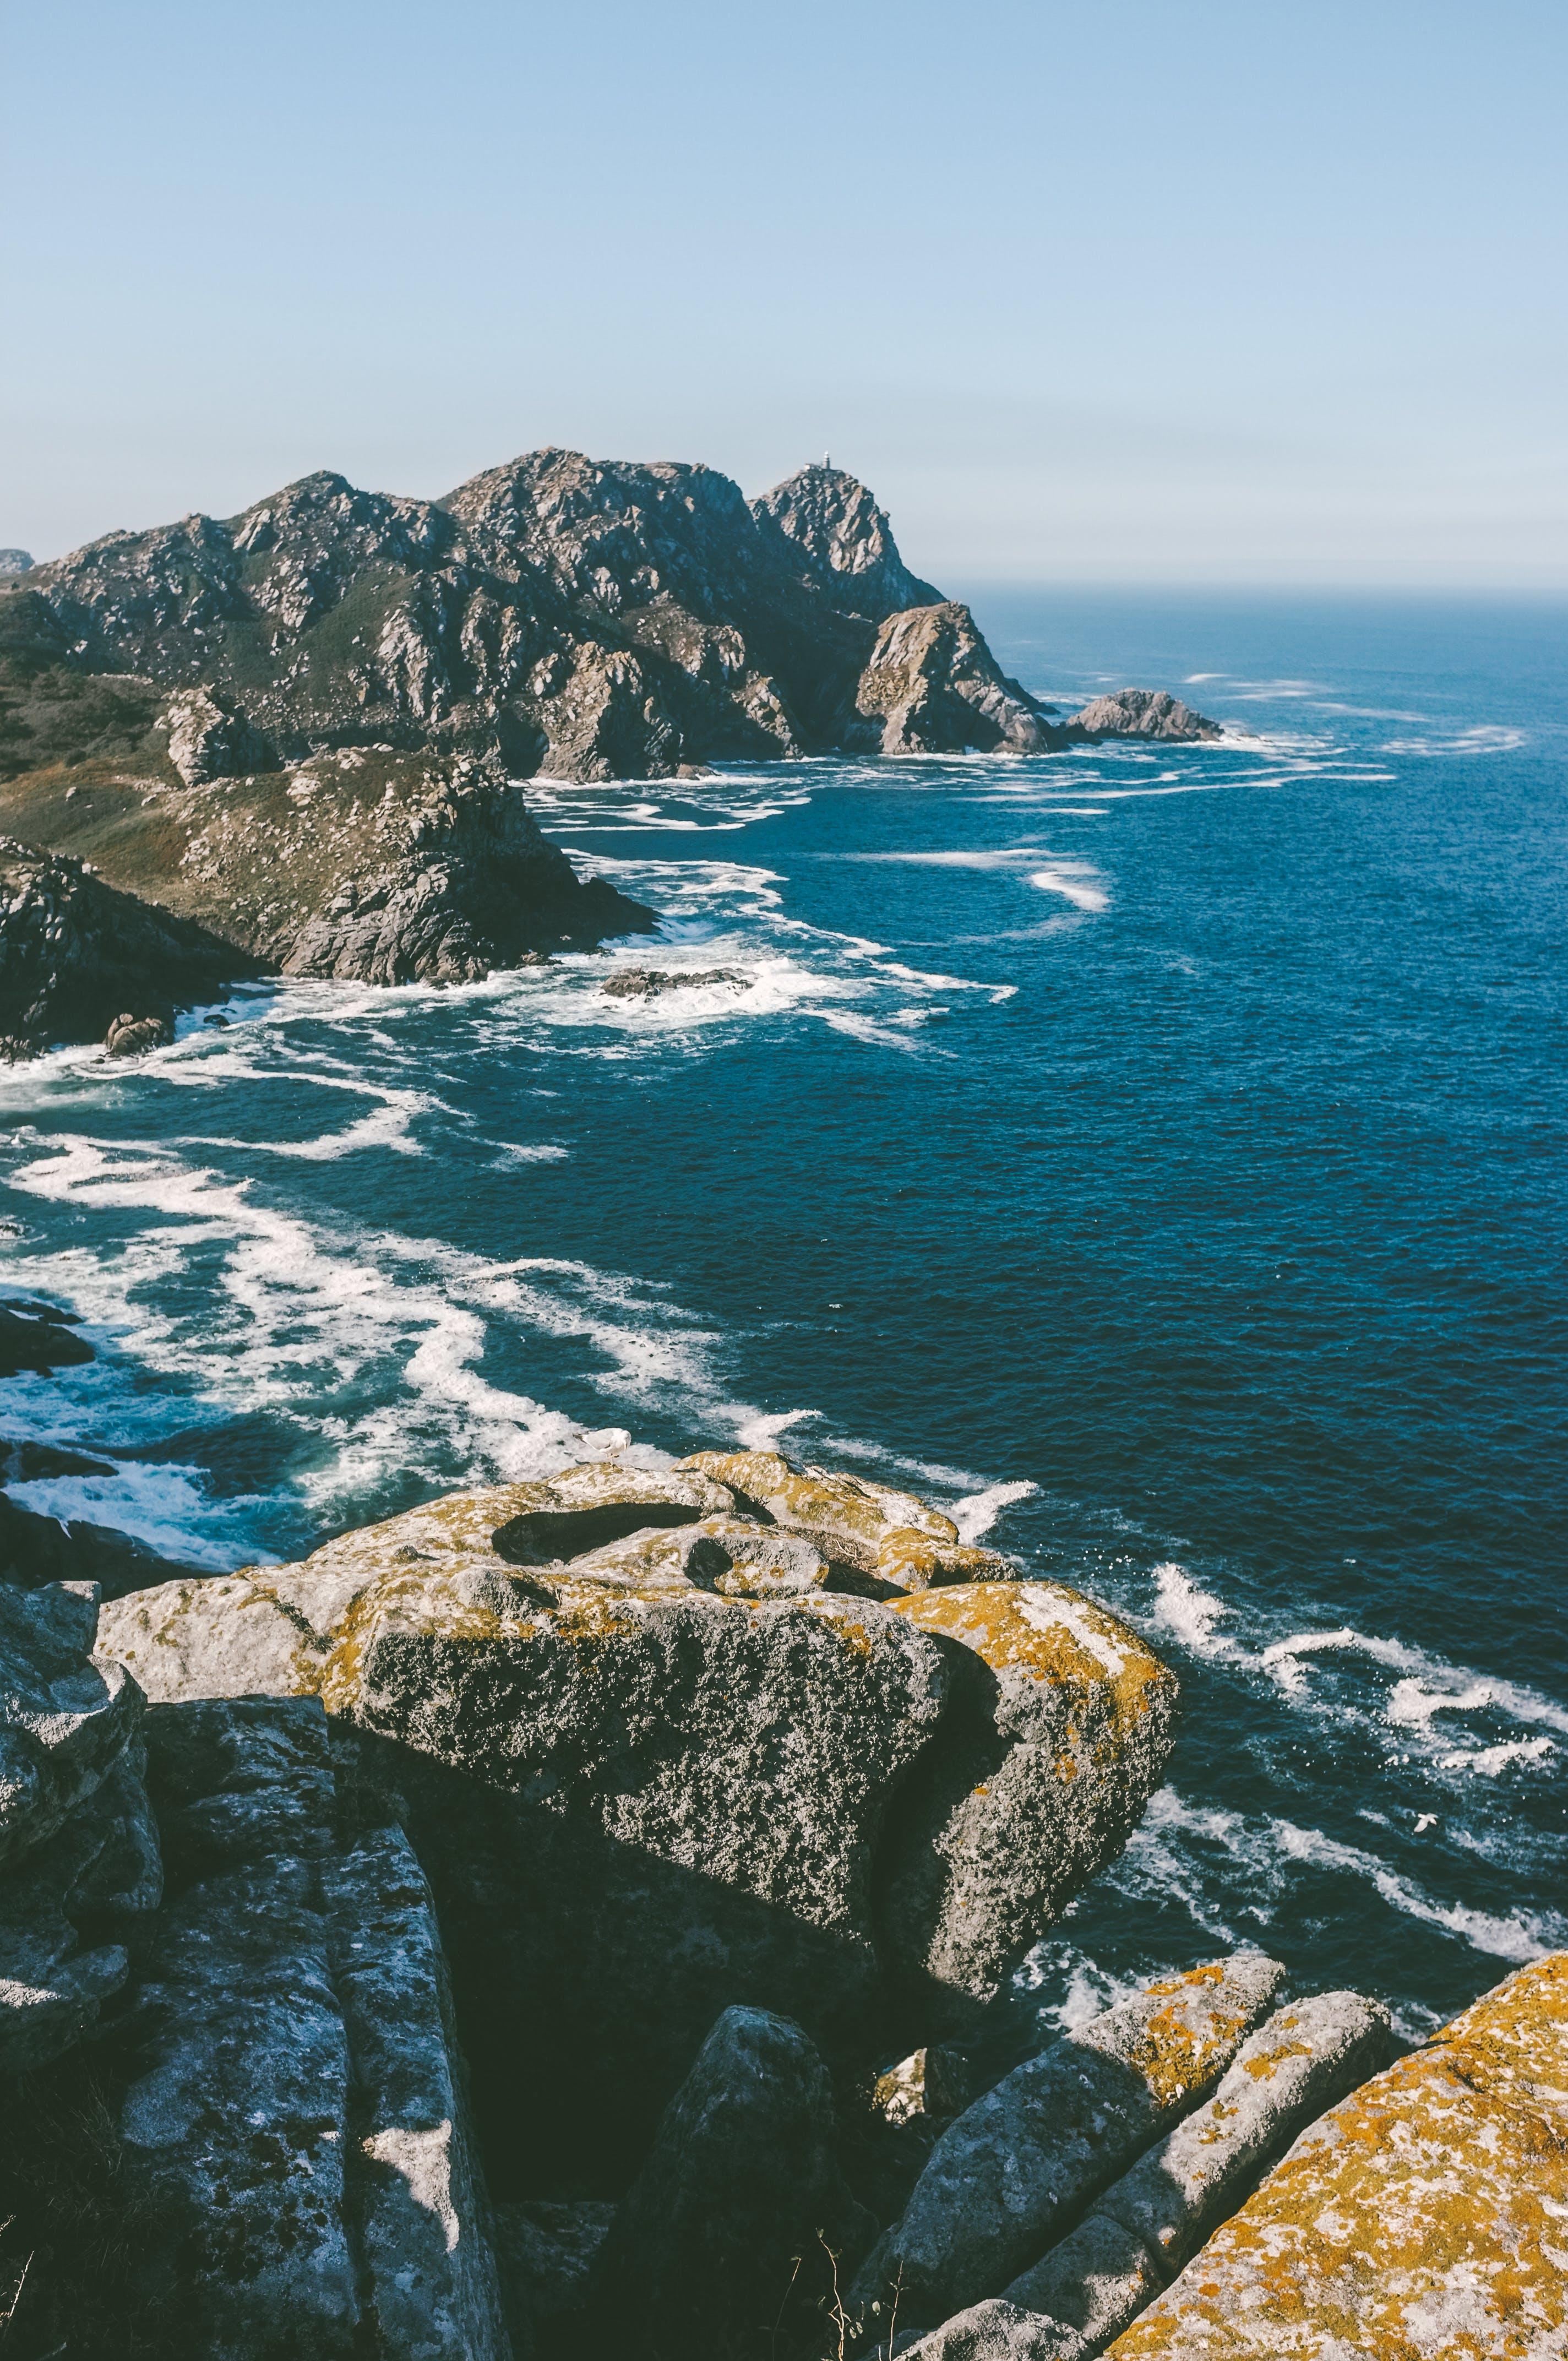 Water Waves Splashing Rocks on Shore